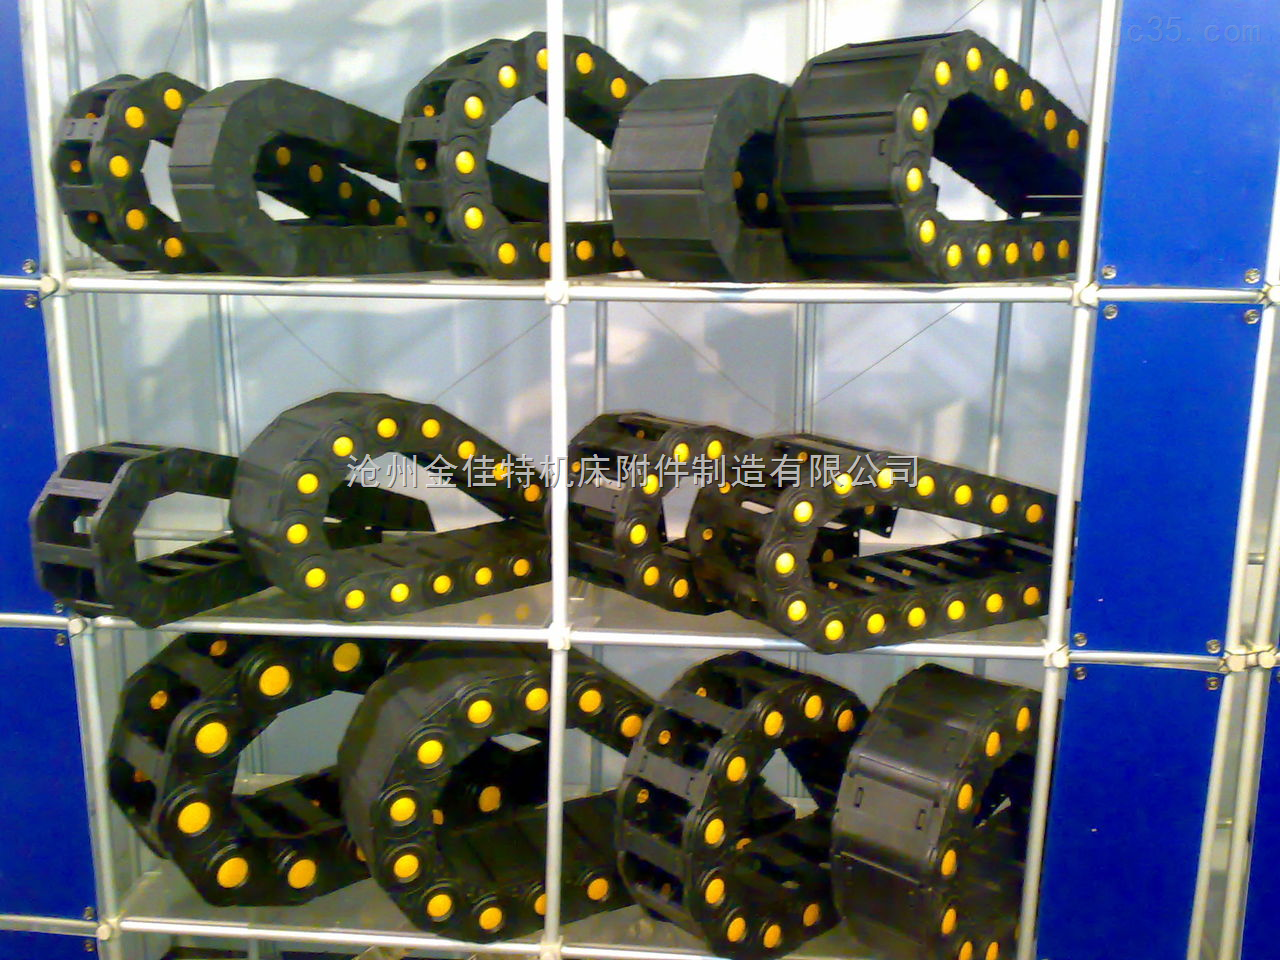 钢铝拖链,钢制拖链,工程塑料拖链,塑料拖链规格,钢制拖链厂家